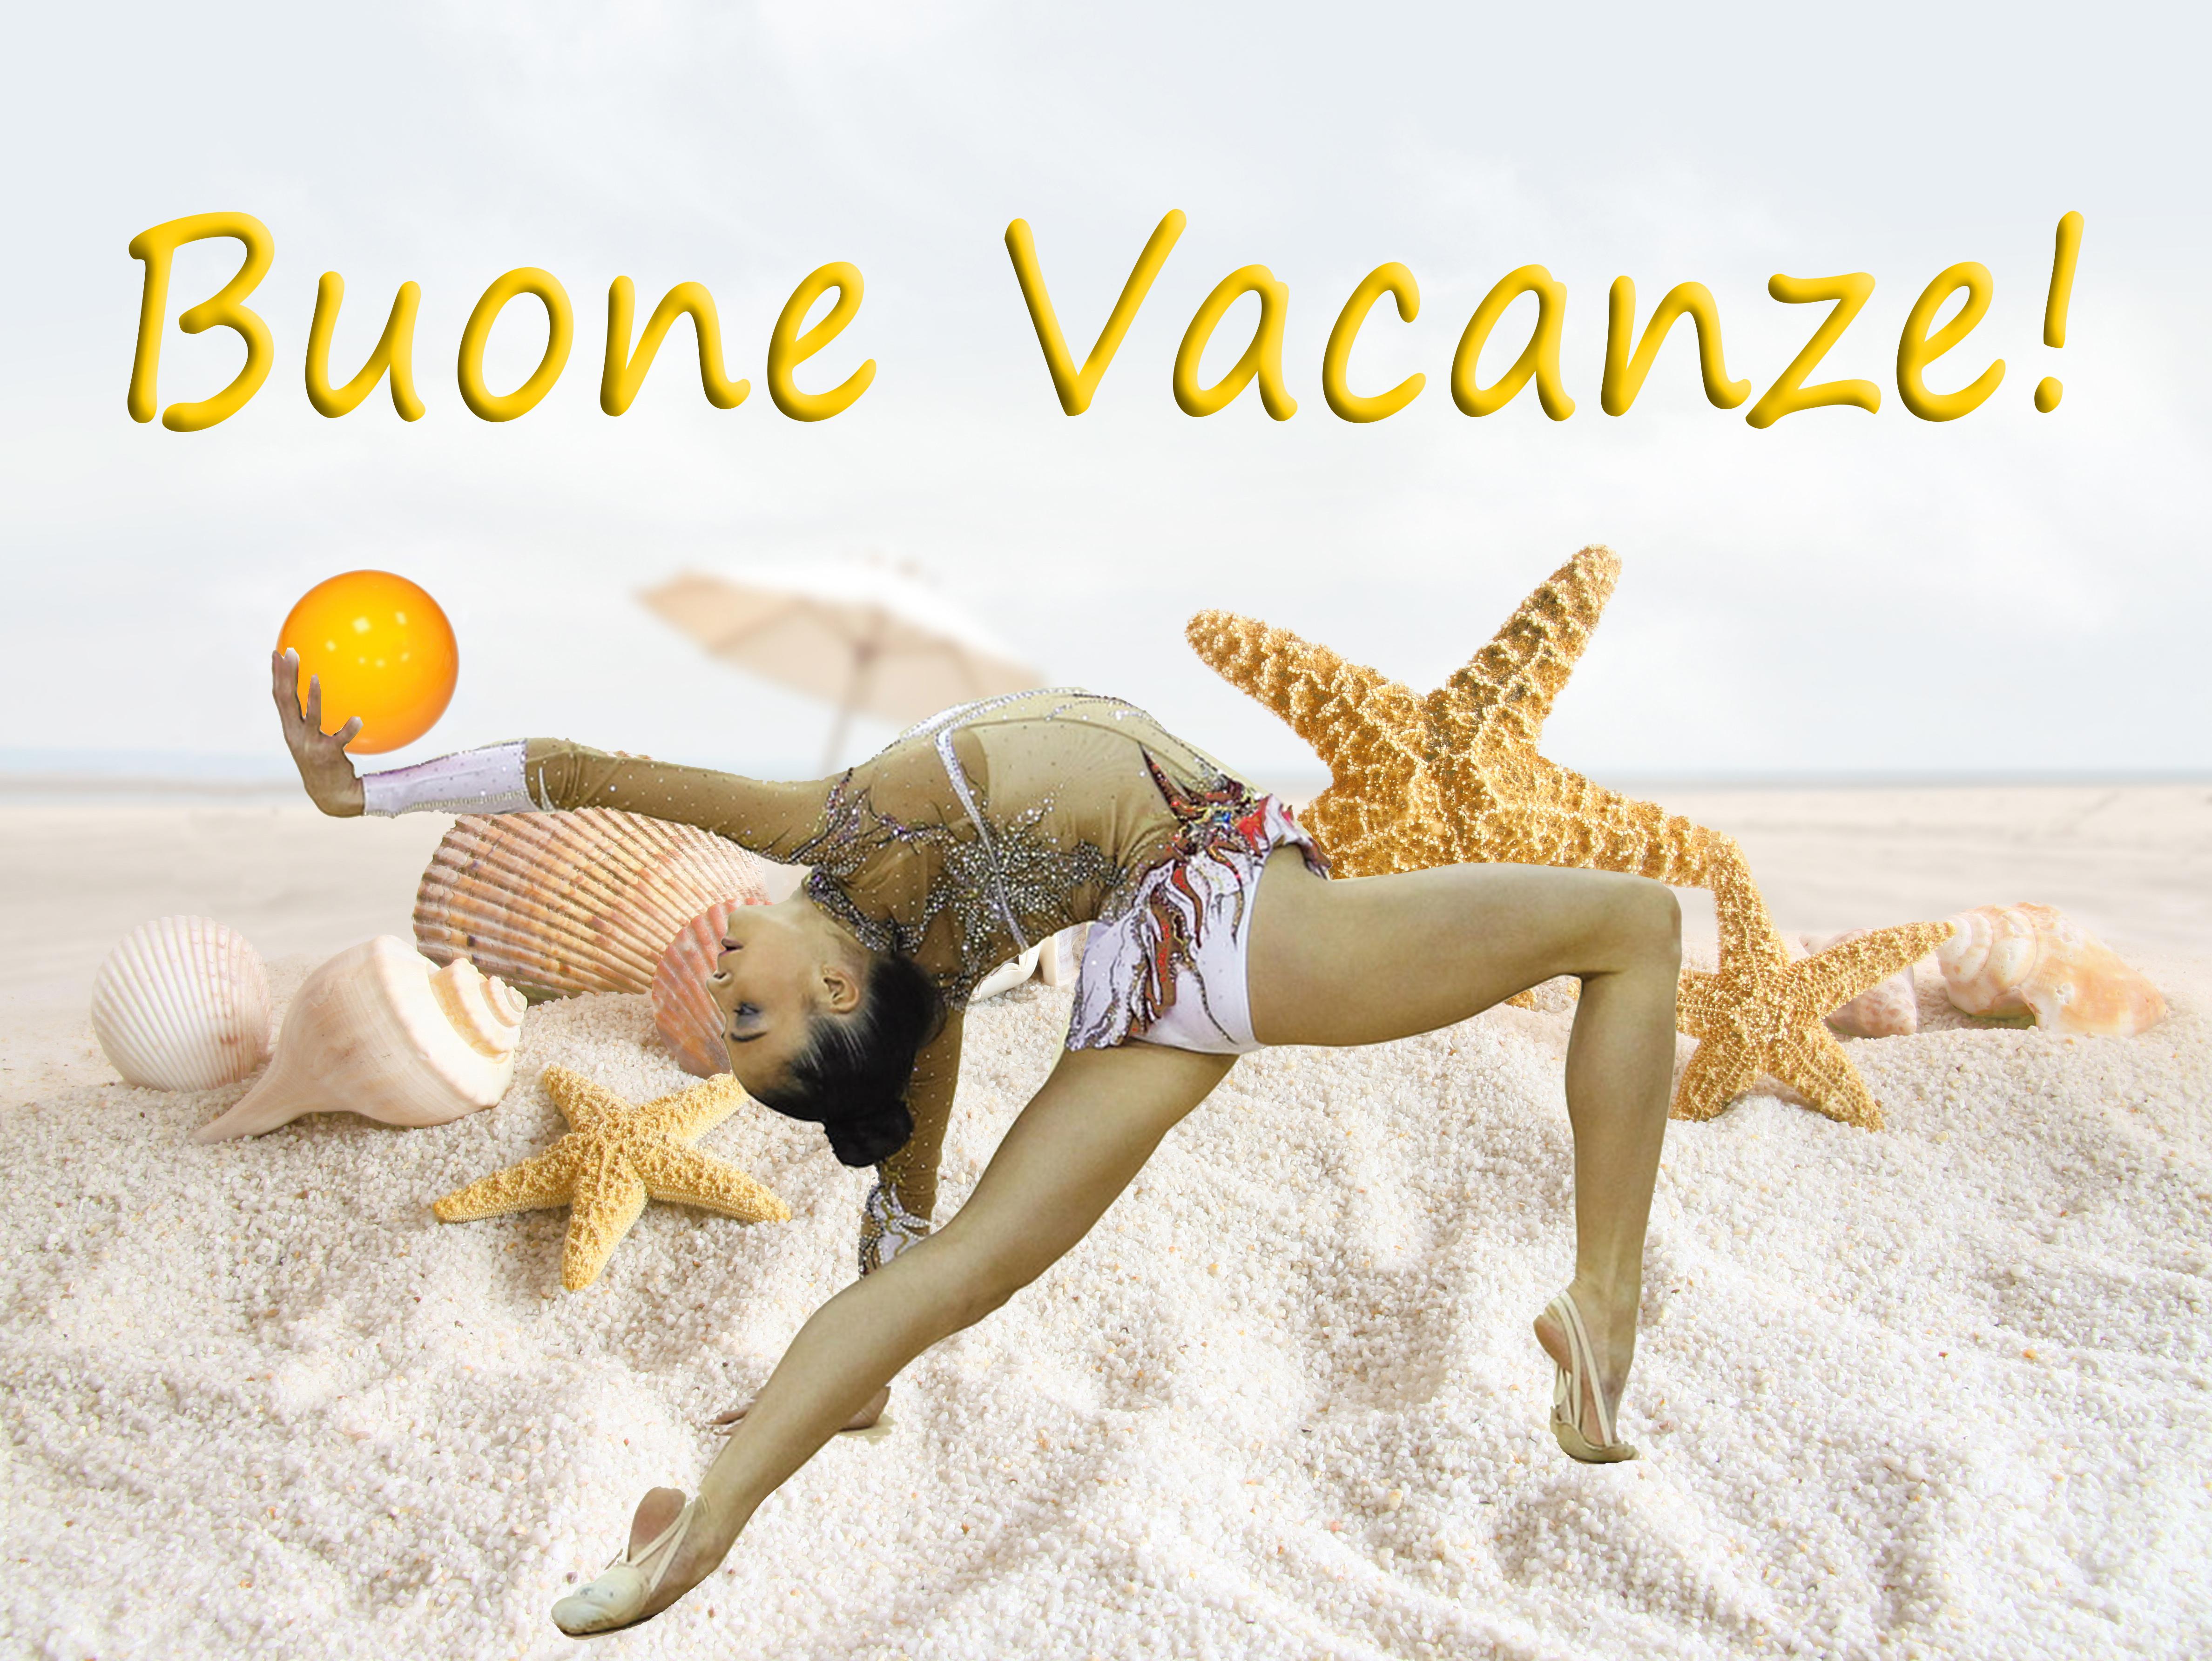 Buone vacanze 2014 ritmica cg2000 for Vacanze immagini